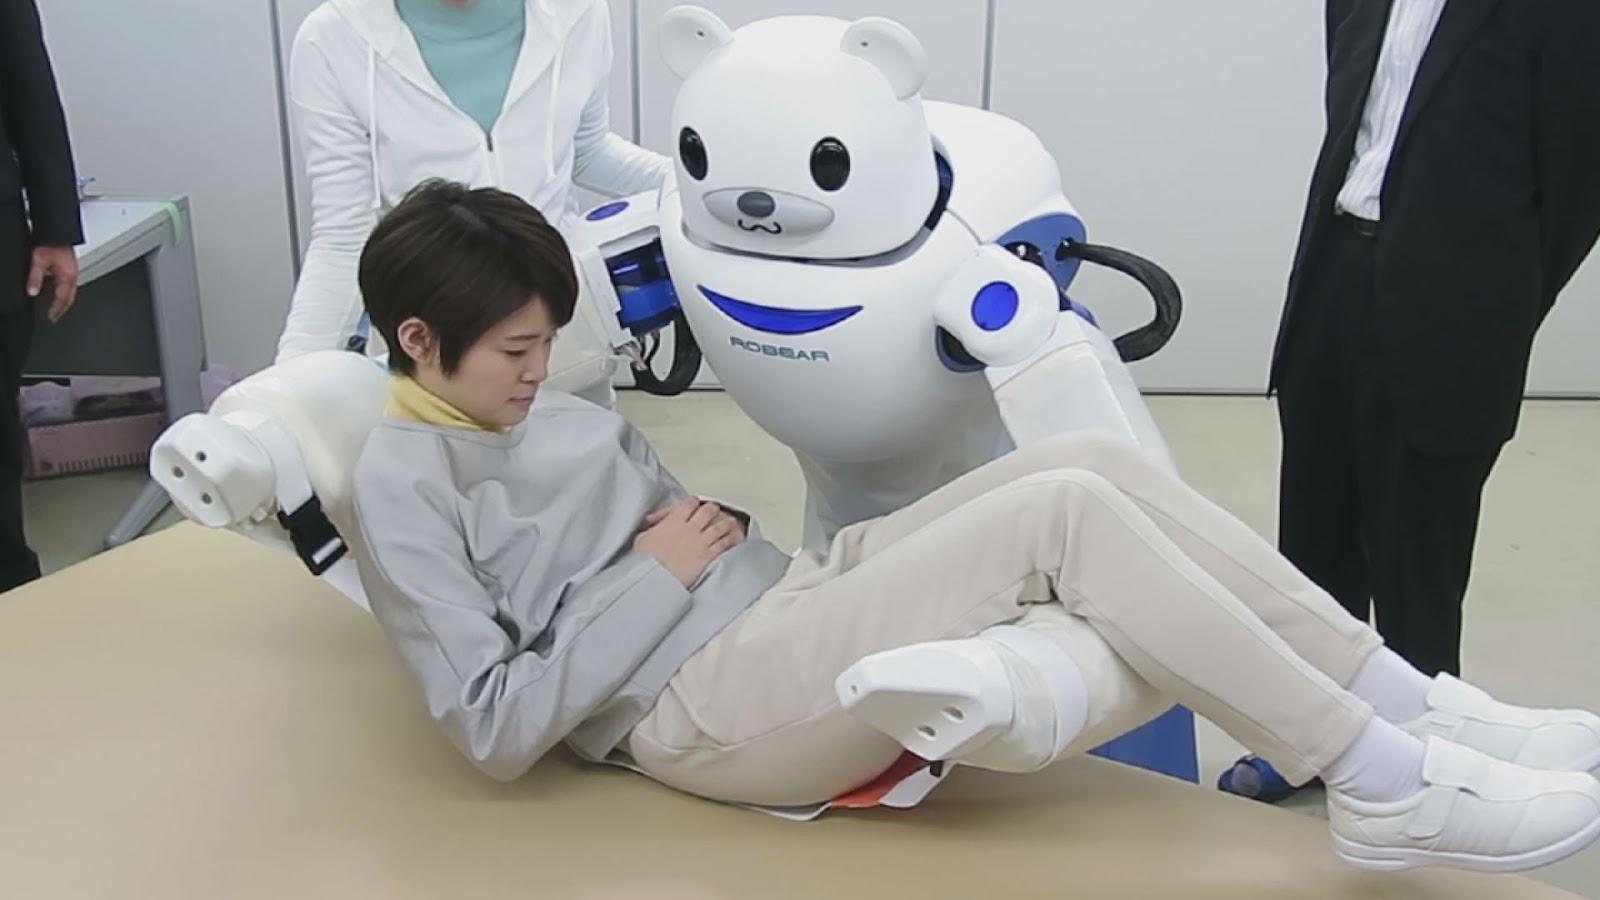 照顧機器人